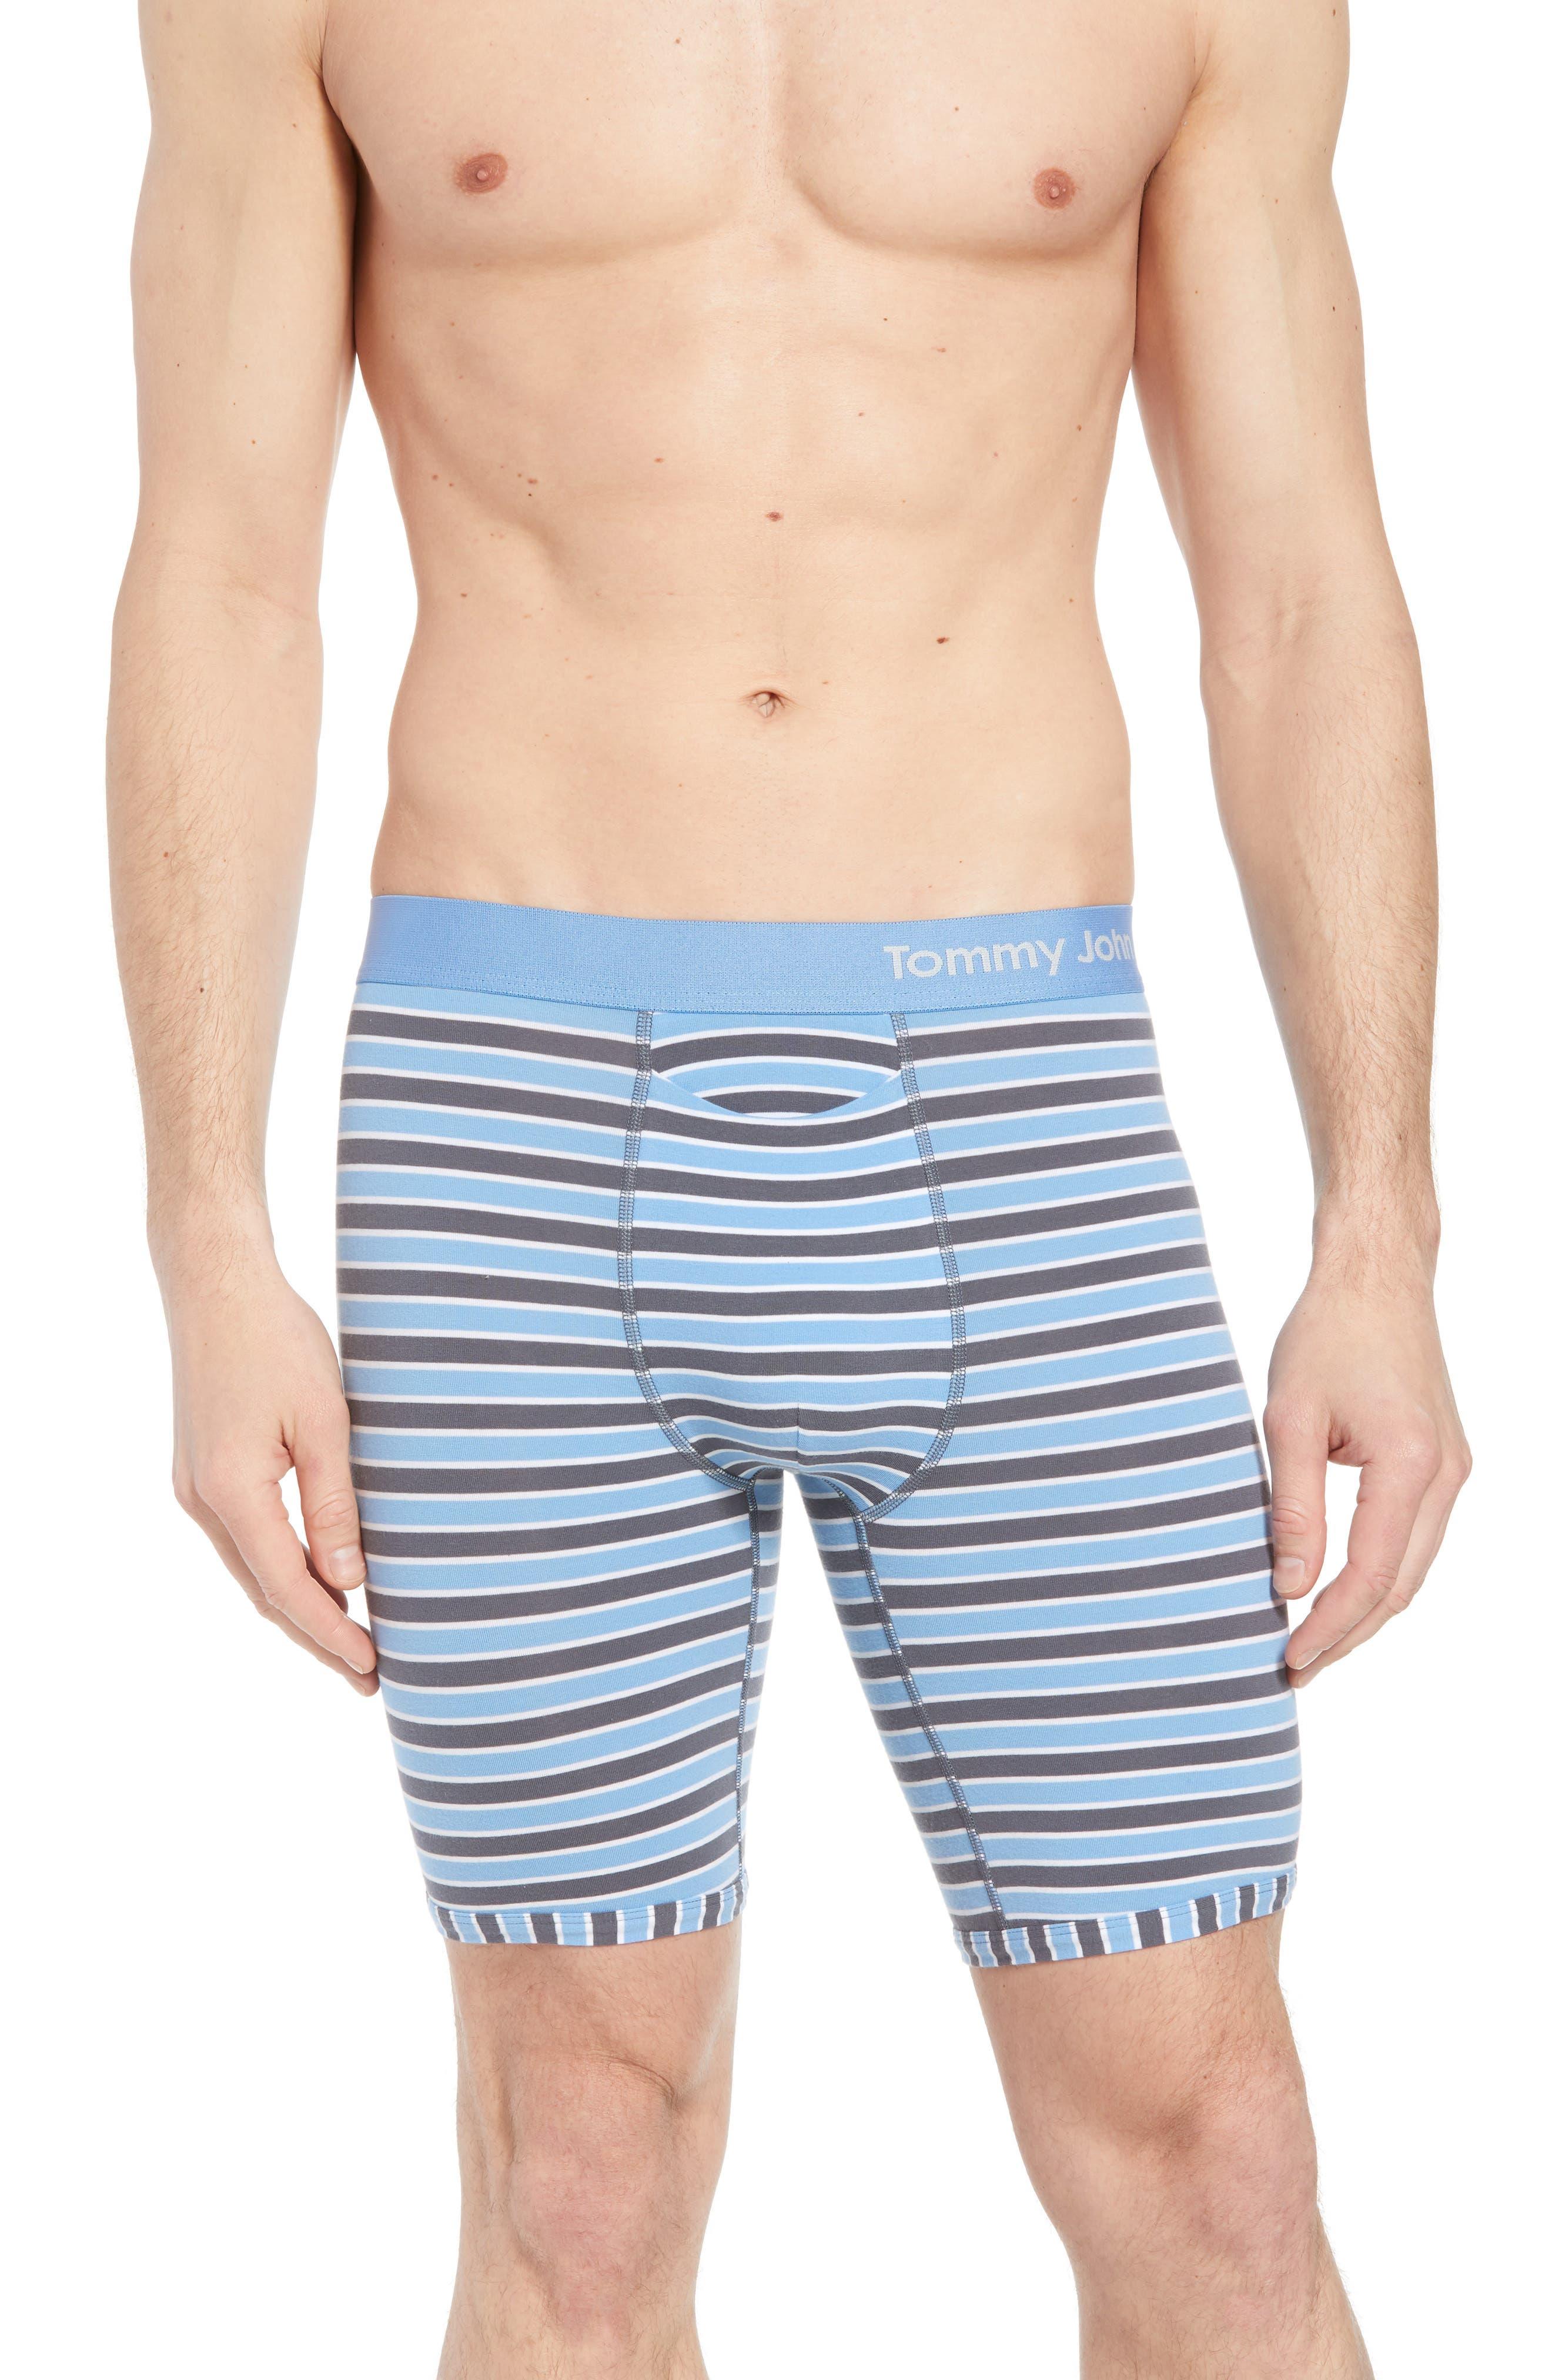 Team Stripe Boxer Briefs,                             Main thumbnail 1, color,                             IRON GREY/ WHITE/ MIRAGE BLUE